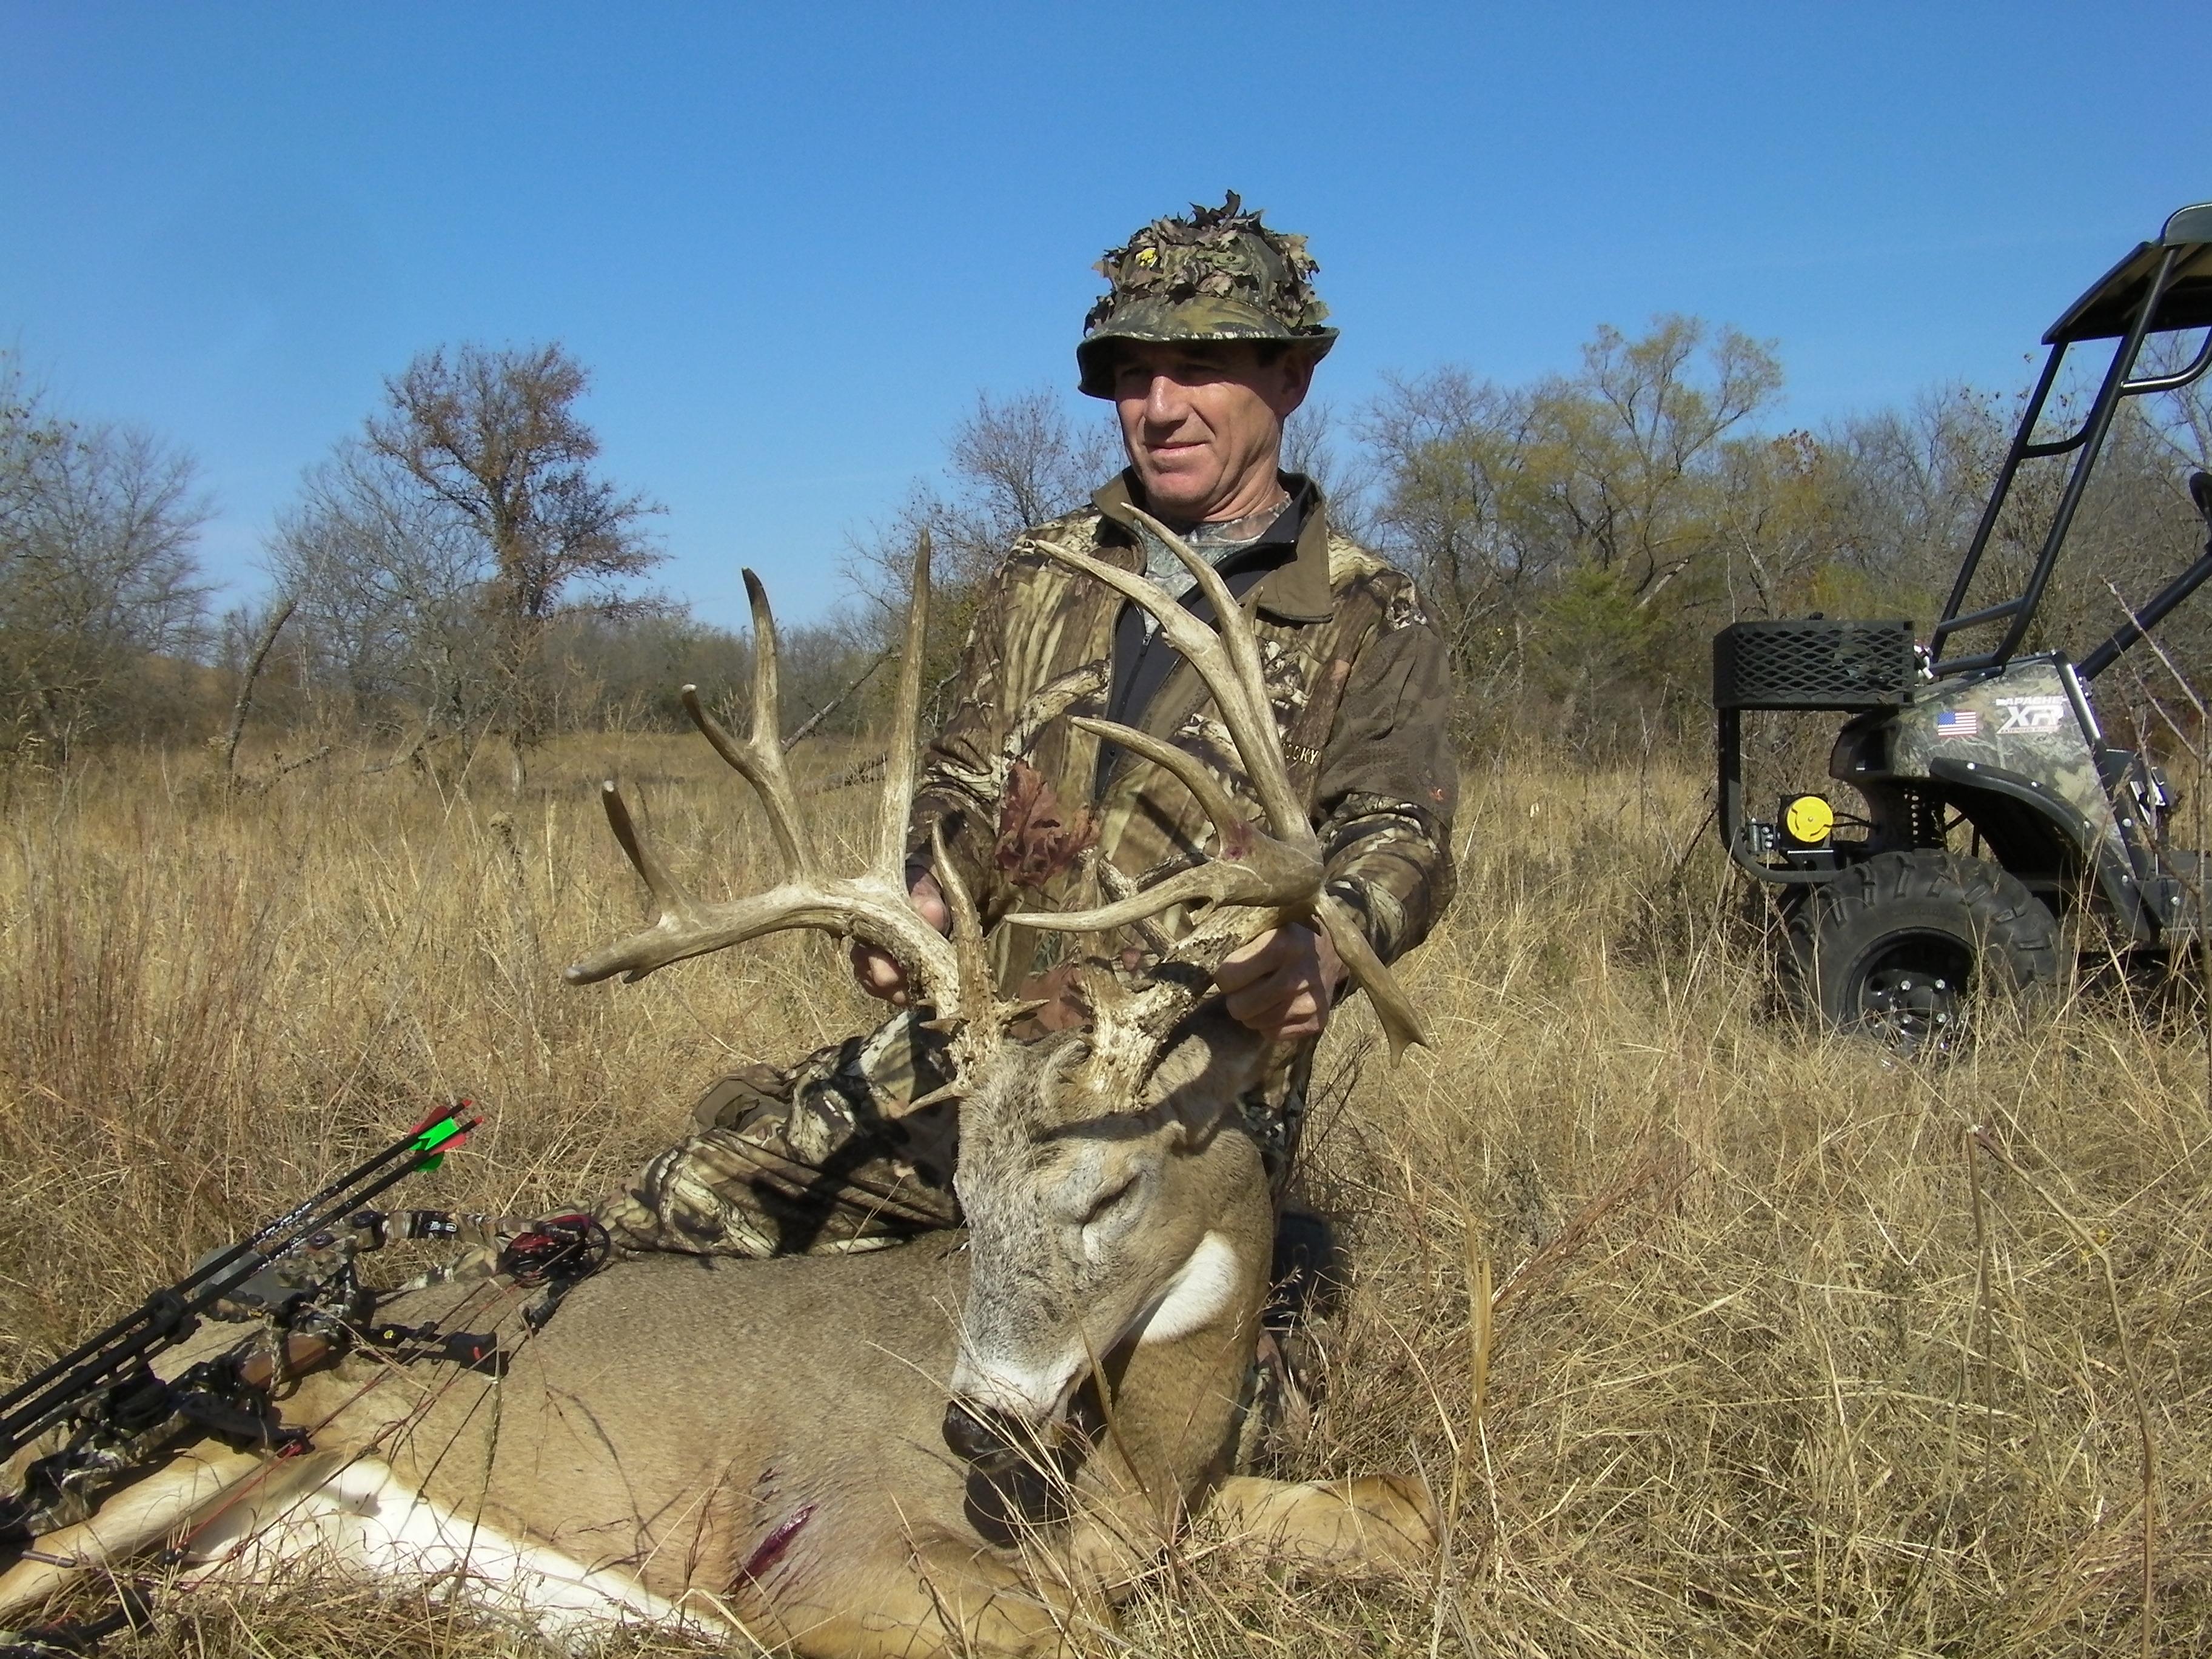 Monster 226 inch Kansas Buck taken by Bobby Johnson 3648x2736